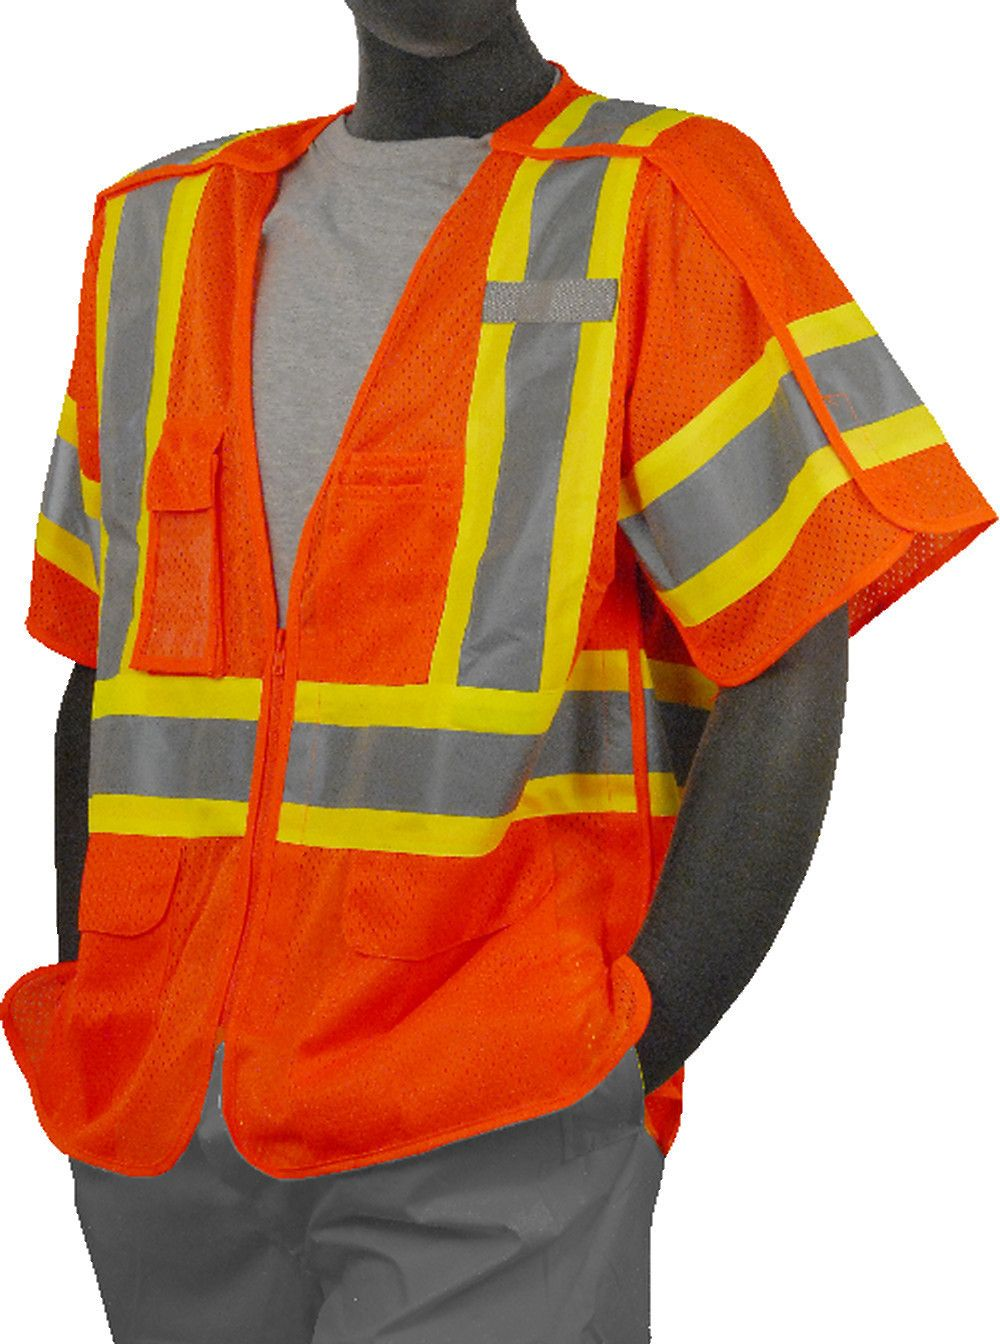 Safety Vest majestic 753306 CL3 Breakaway Safety Vest